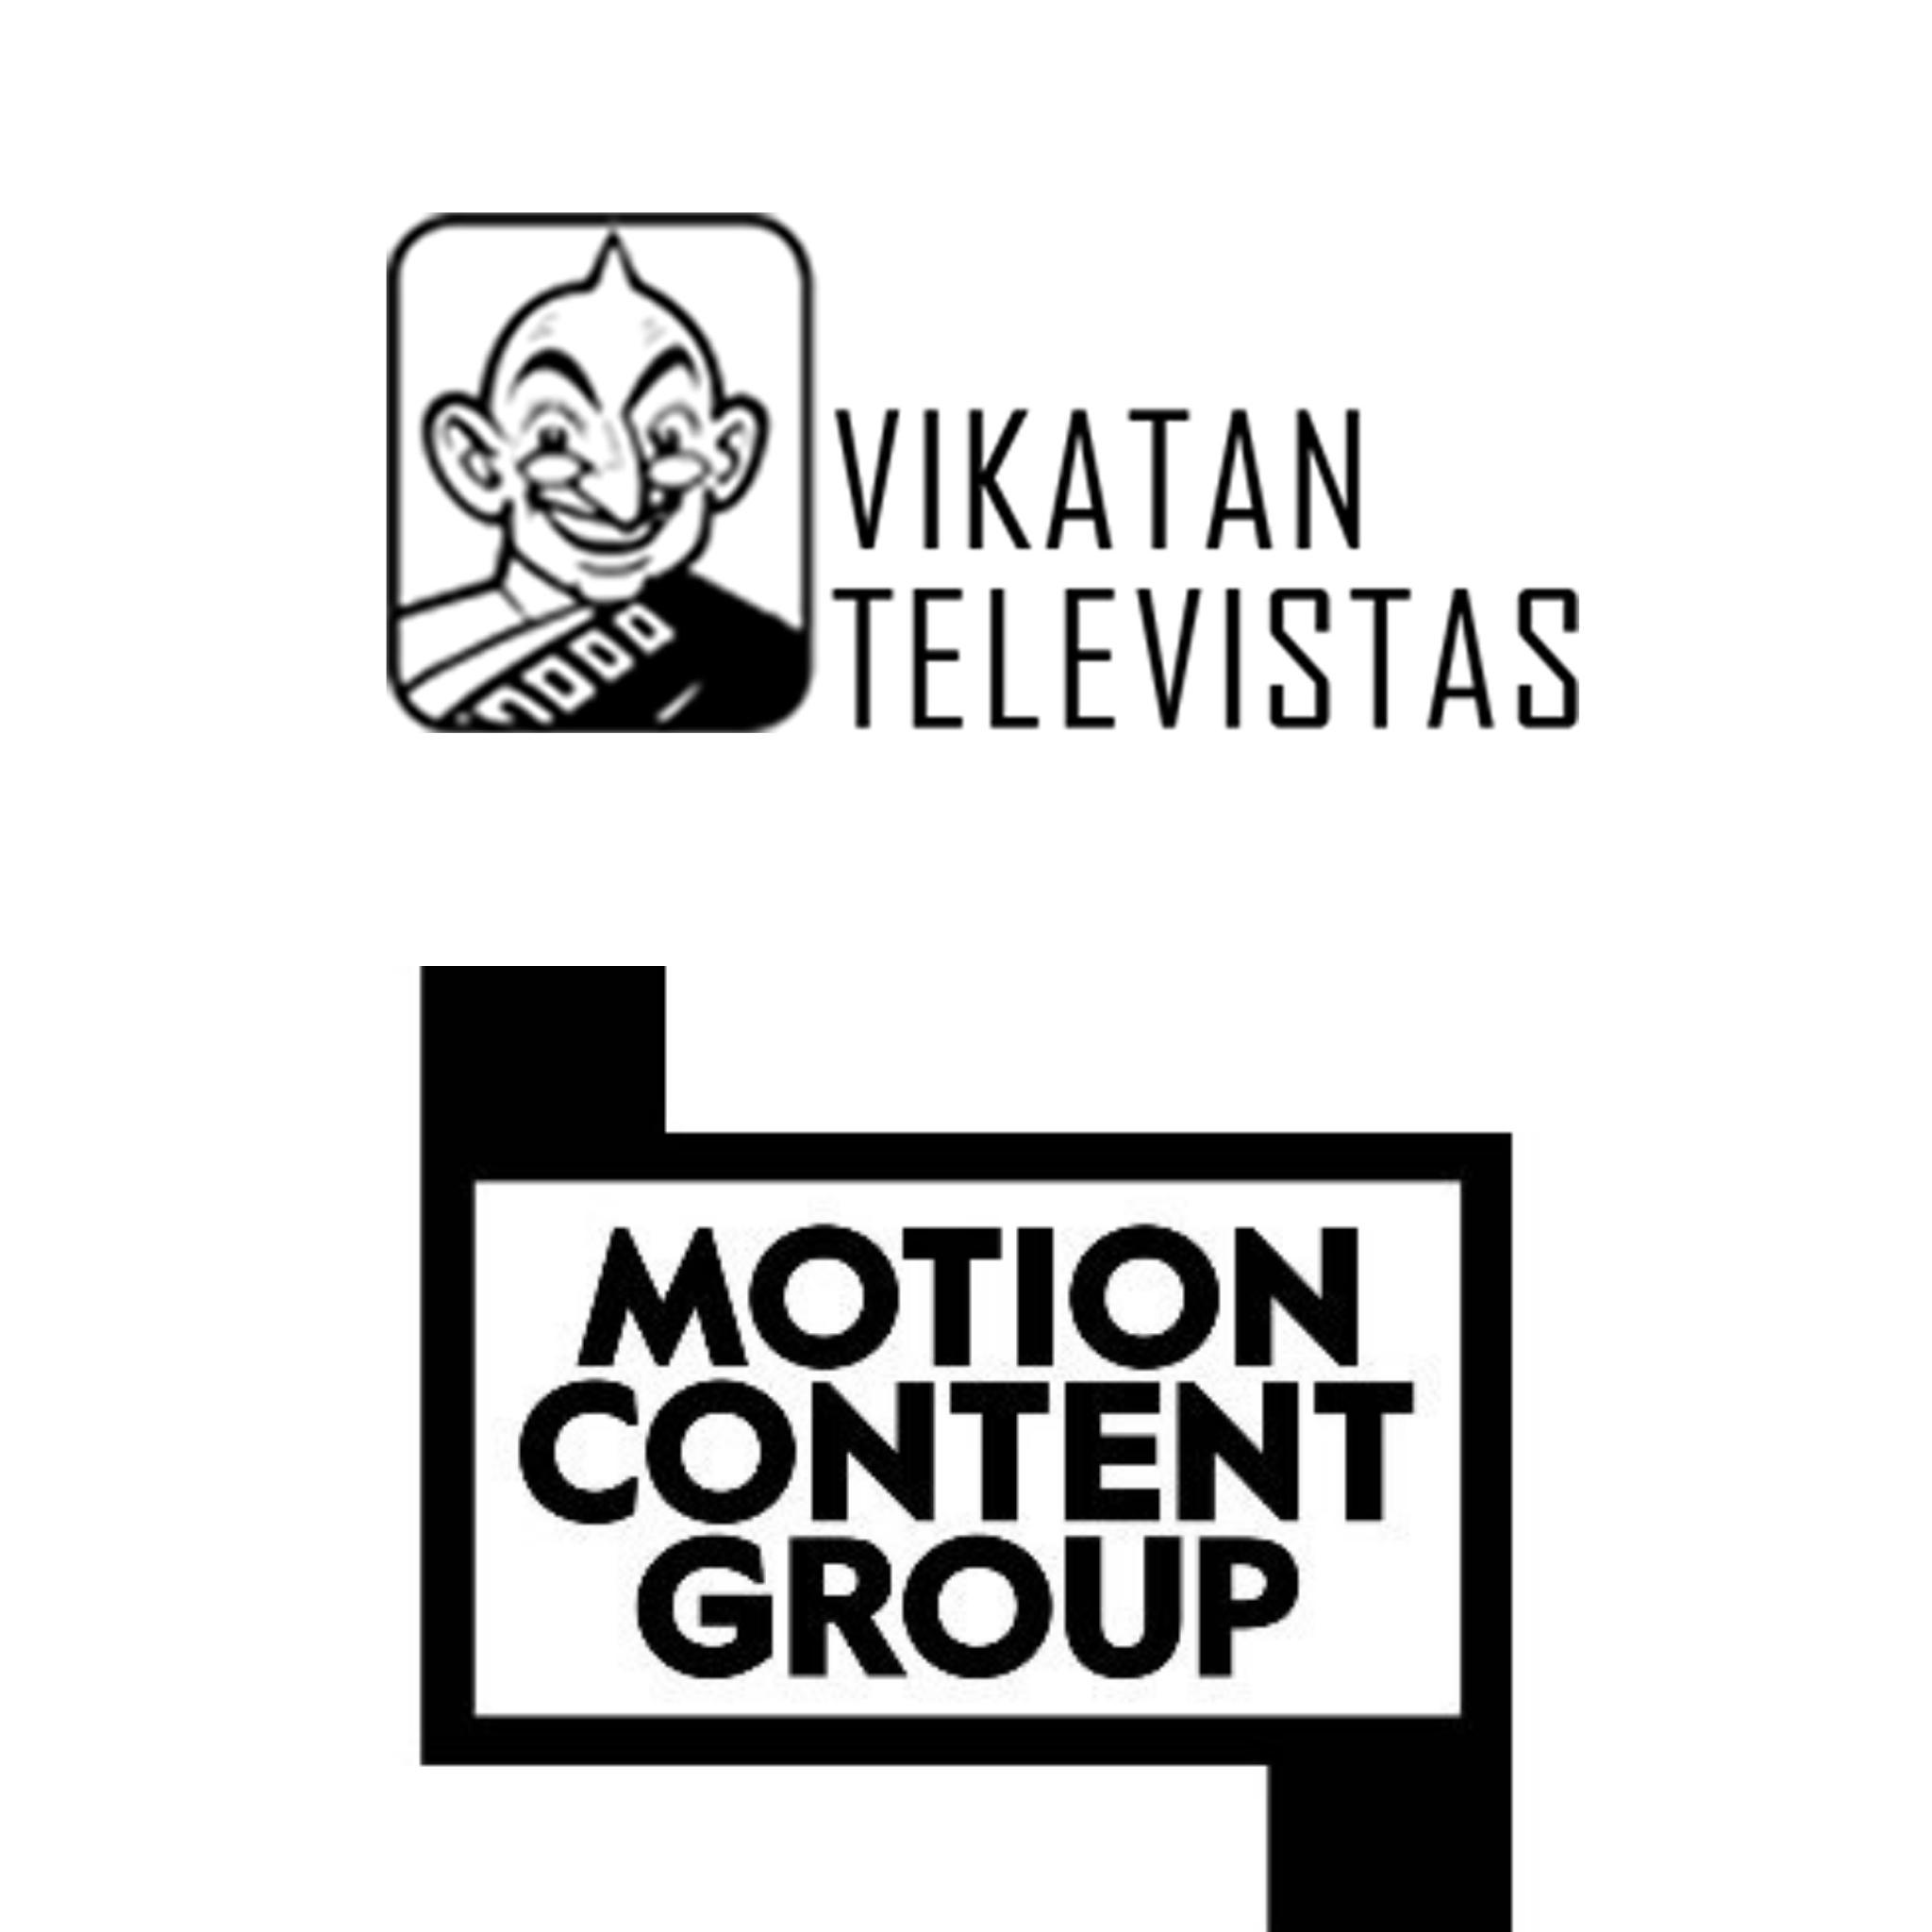 https://www.indiantelevision.com/sites/default/files/styles/230x230/public/images/tv-images/2021/07/30/photogrid_plus_1627636661490.jpg?itok=VtJ3qKxP